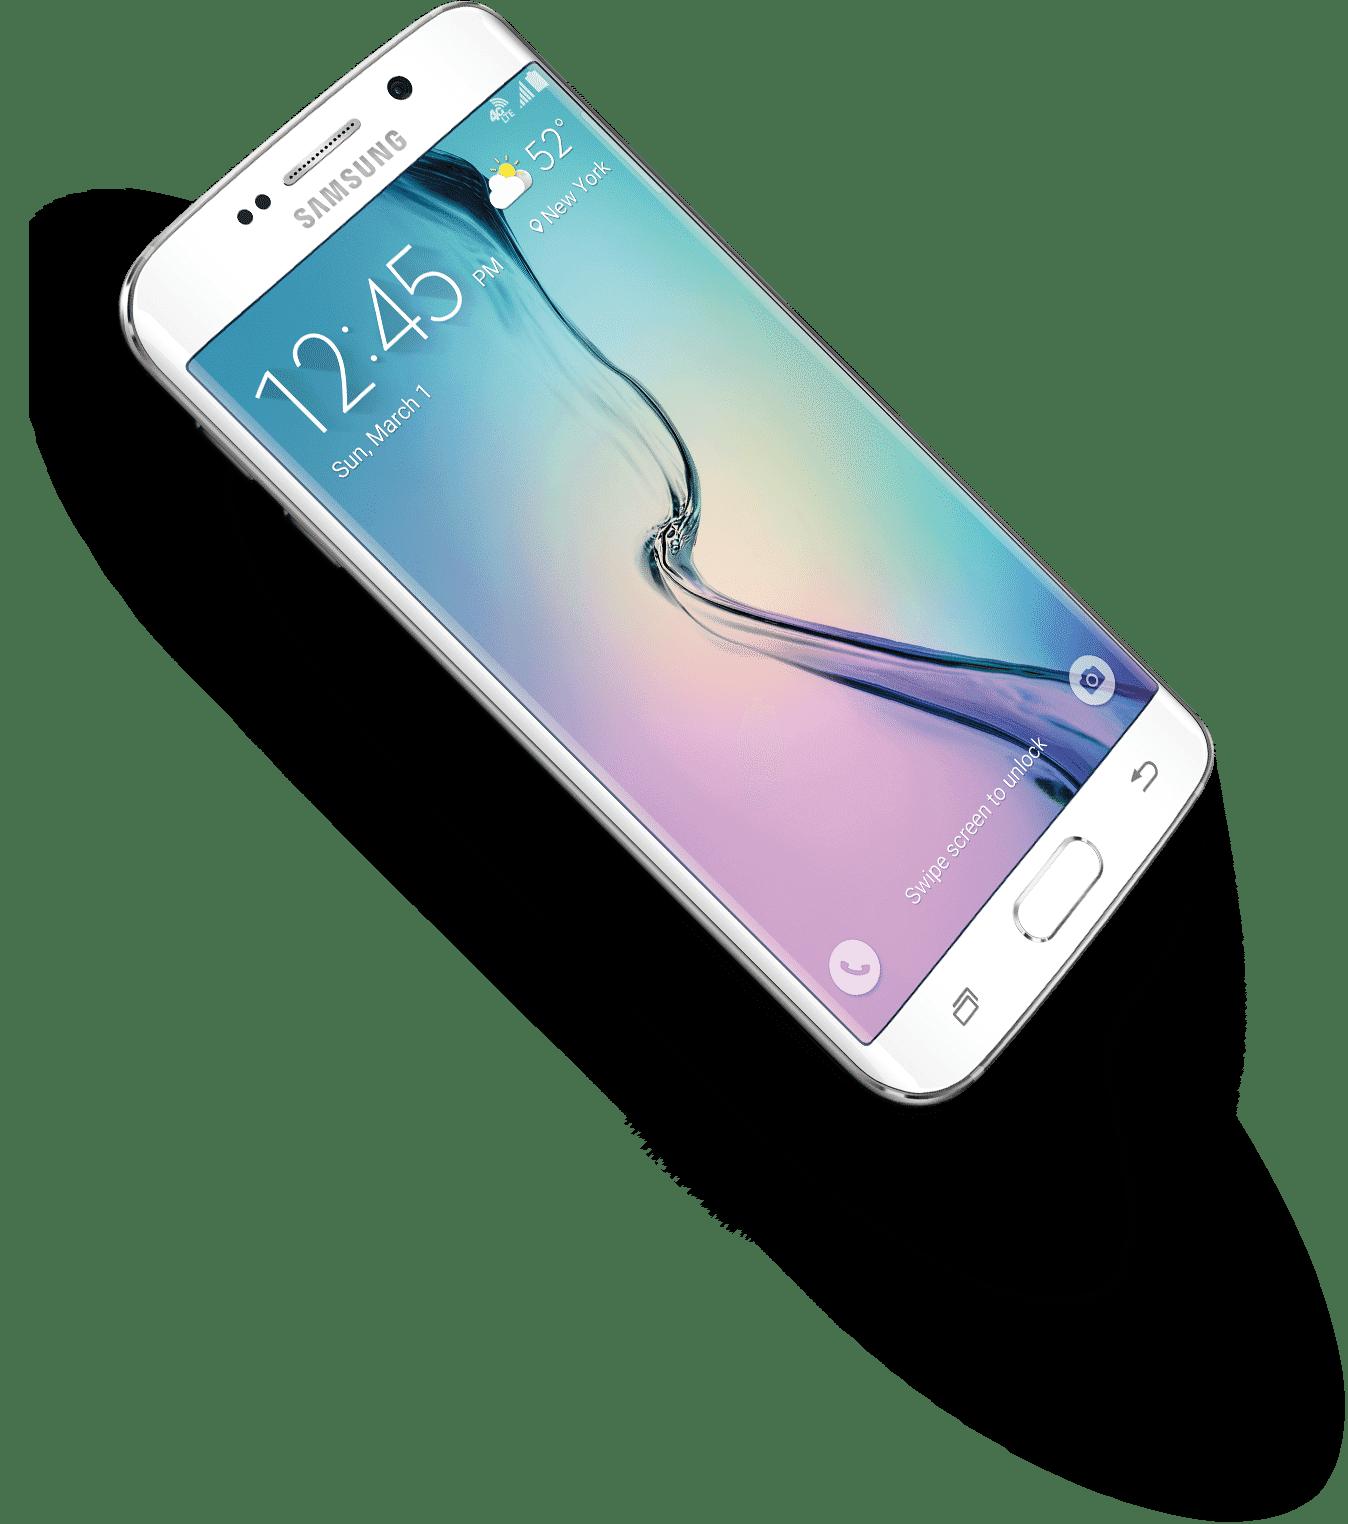 اسعار هاتف سامسونج جلاكسى Samsung Galaxy S6 فى السعودية